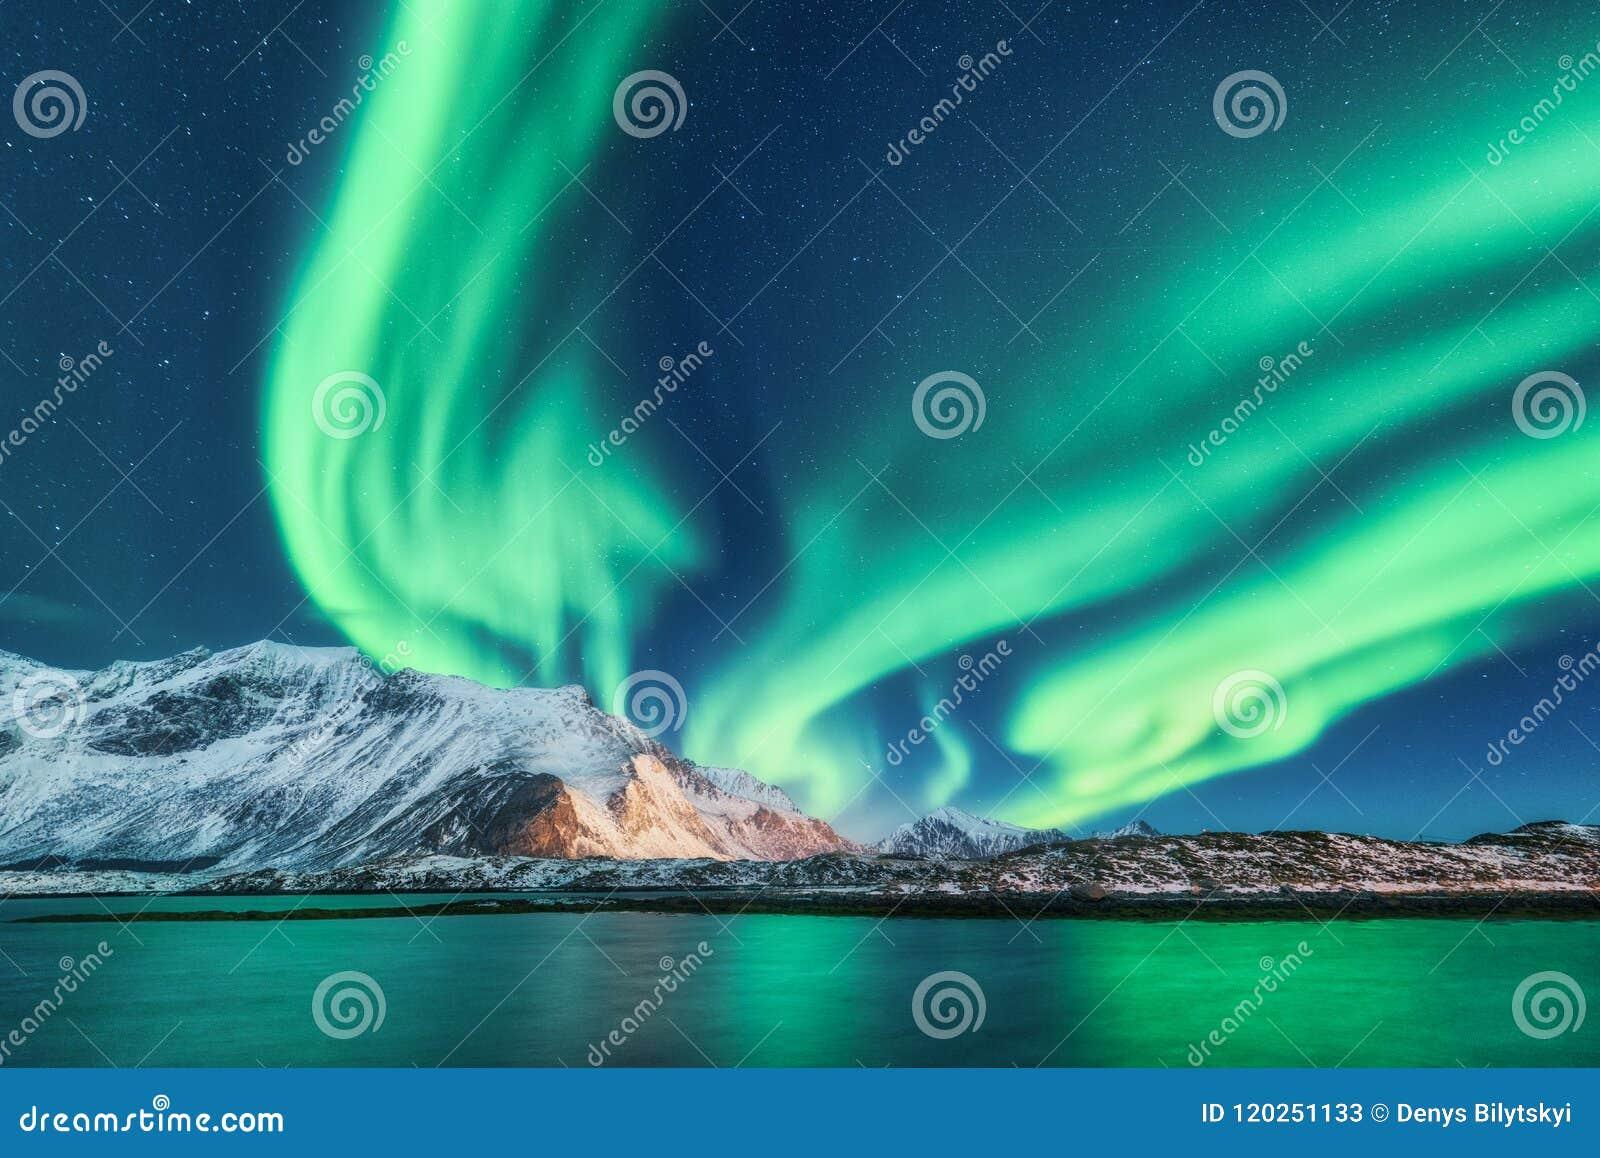 Groene noordelijke lichten in Lofoten-eilanden, Noorwegen Aurora Borealis